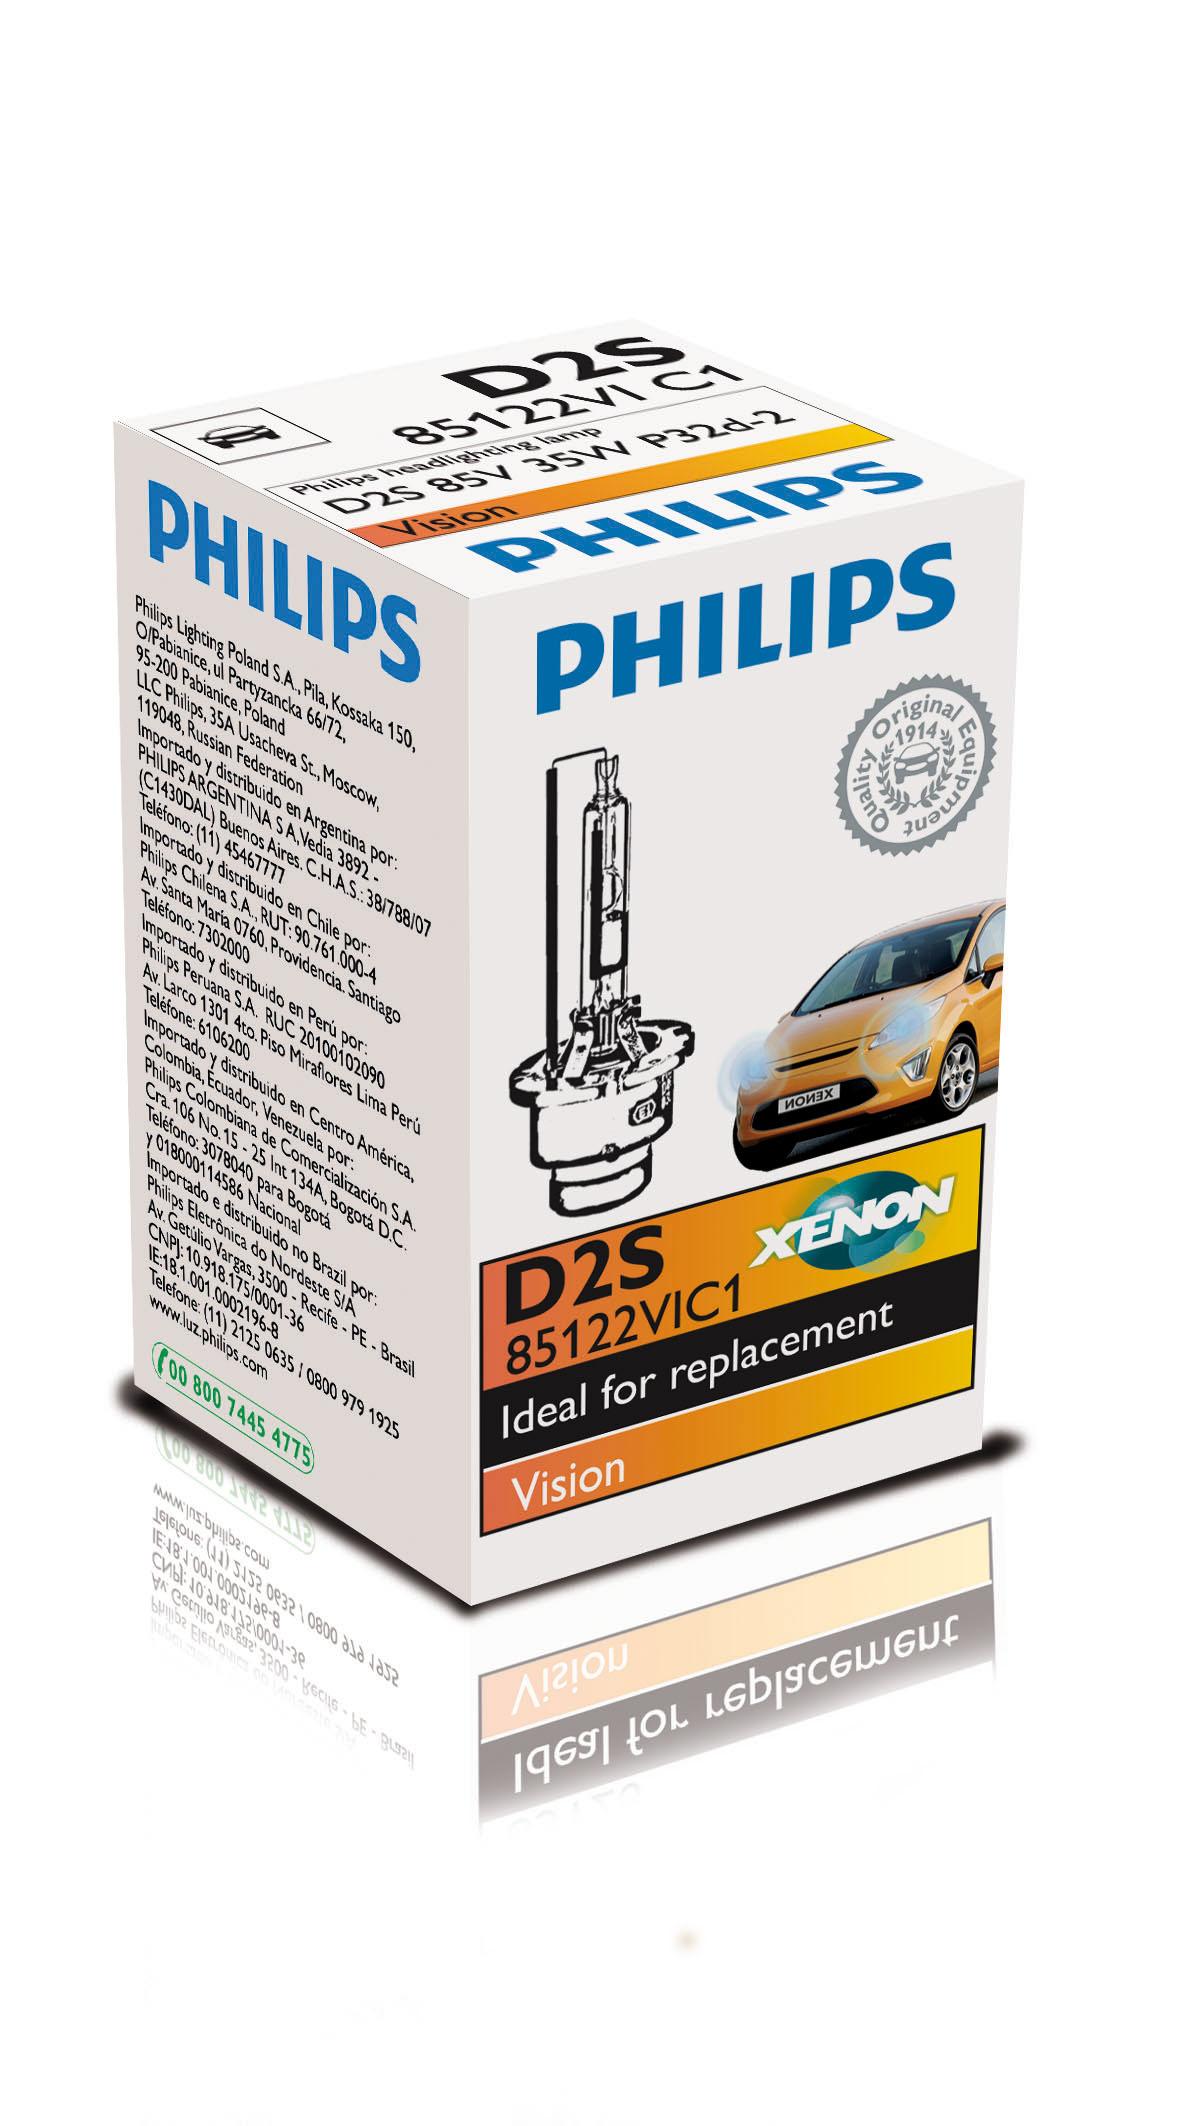 BEC AUTO PHILIPS XENON 85122VIC1 D2S 85V 35W